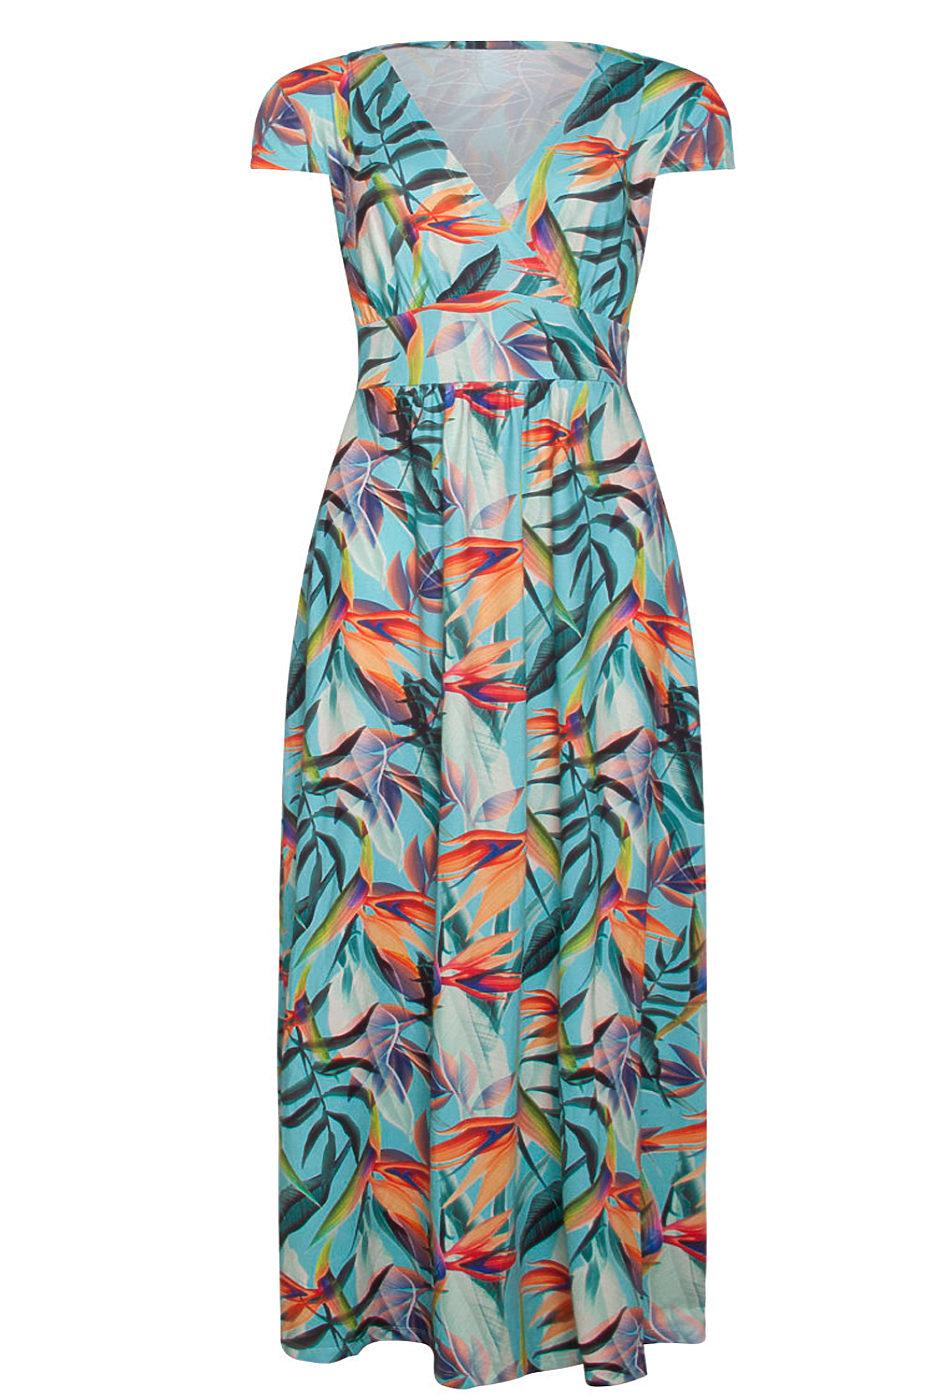 ce839b27984b Letní barevné maxi šaty Smashed Lemon Rina Smashed Lemon Šaty na ...